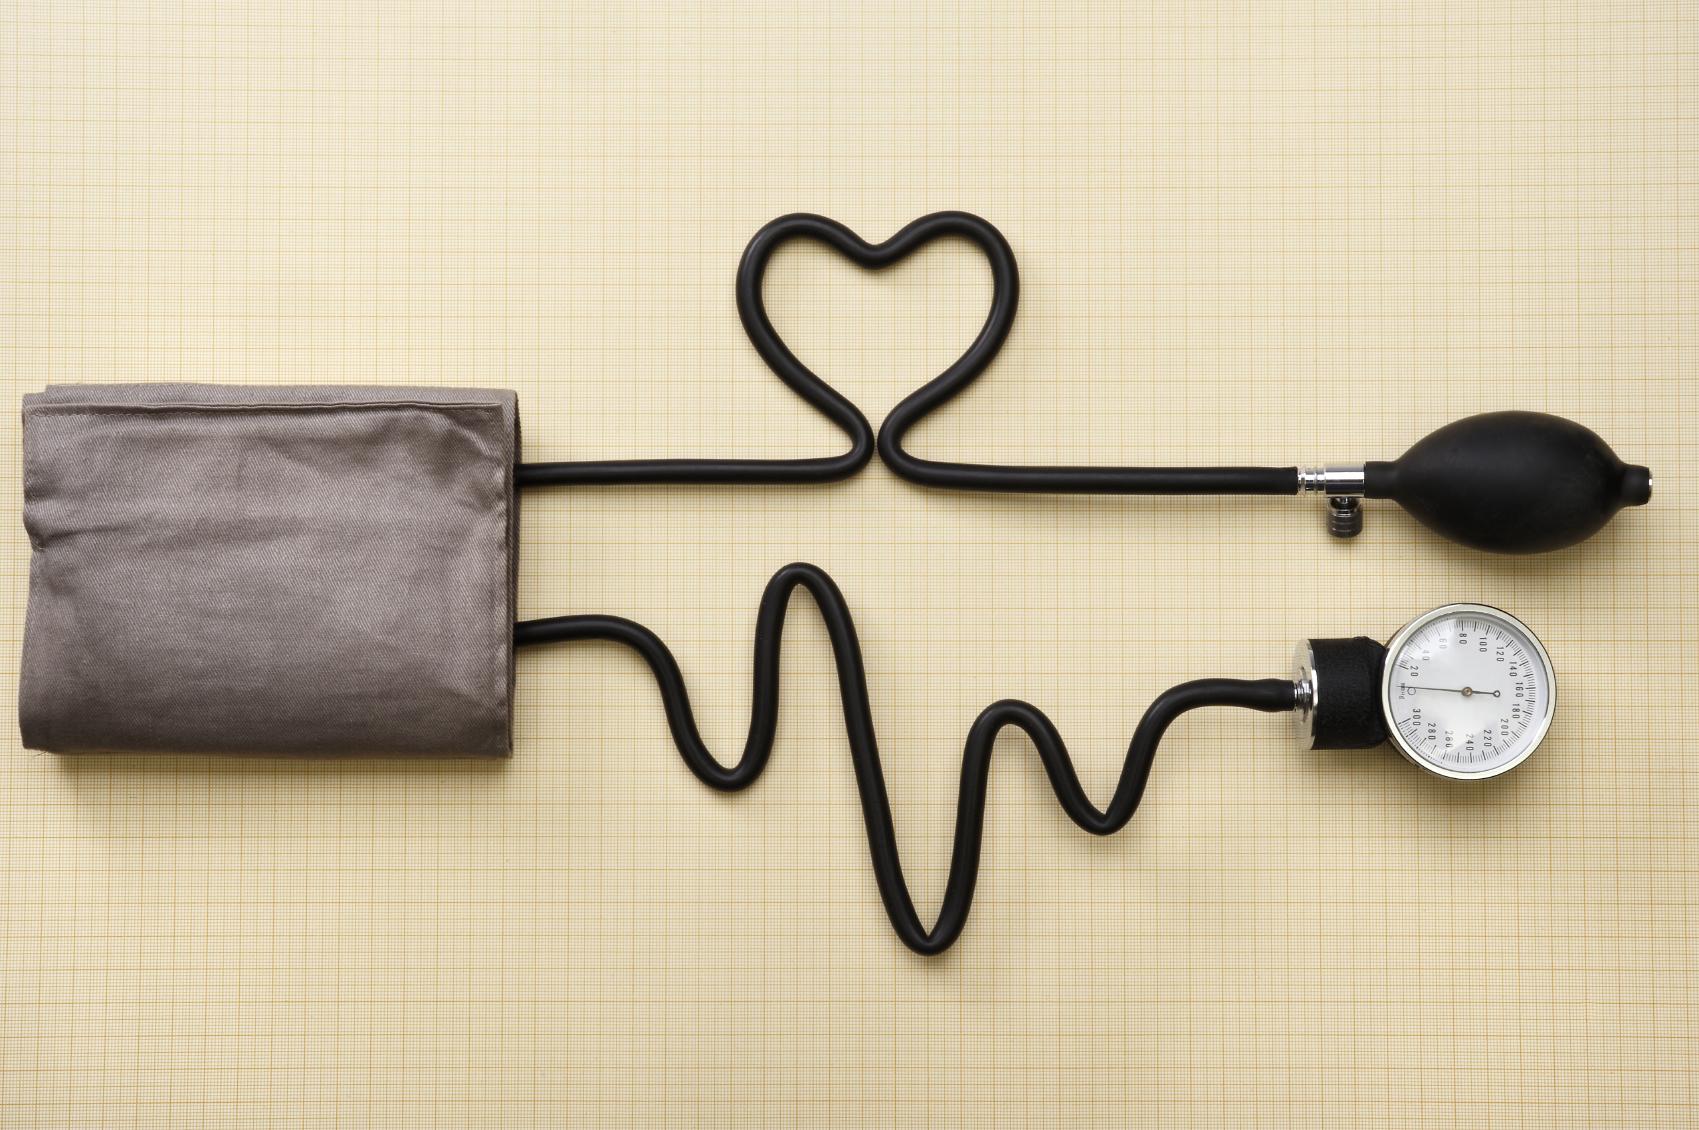 éjszakai magas vérnyomás mit kell tenni visszér magas vérnyomás cukorbetegség